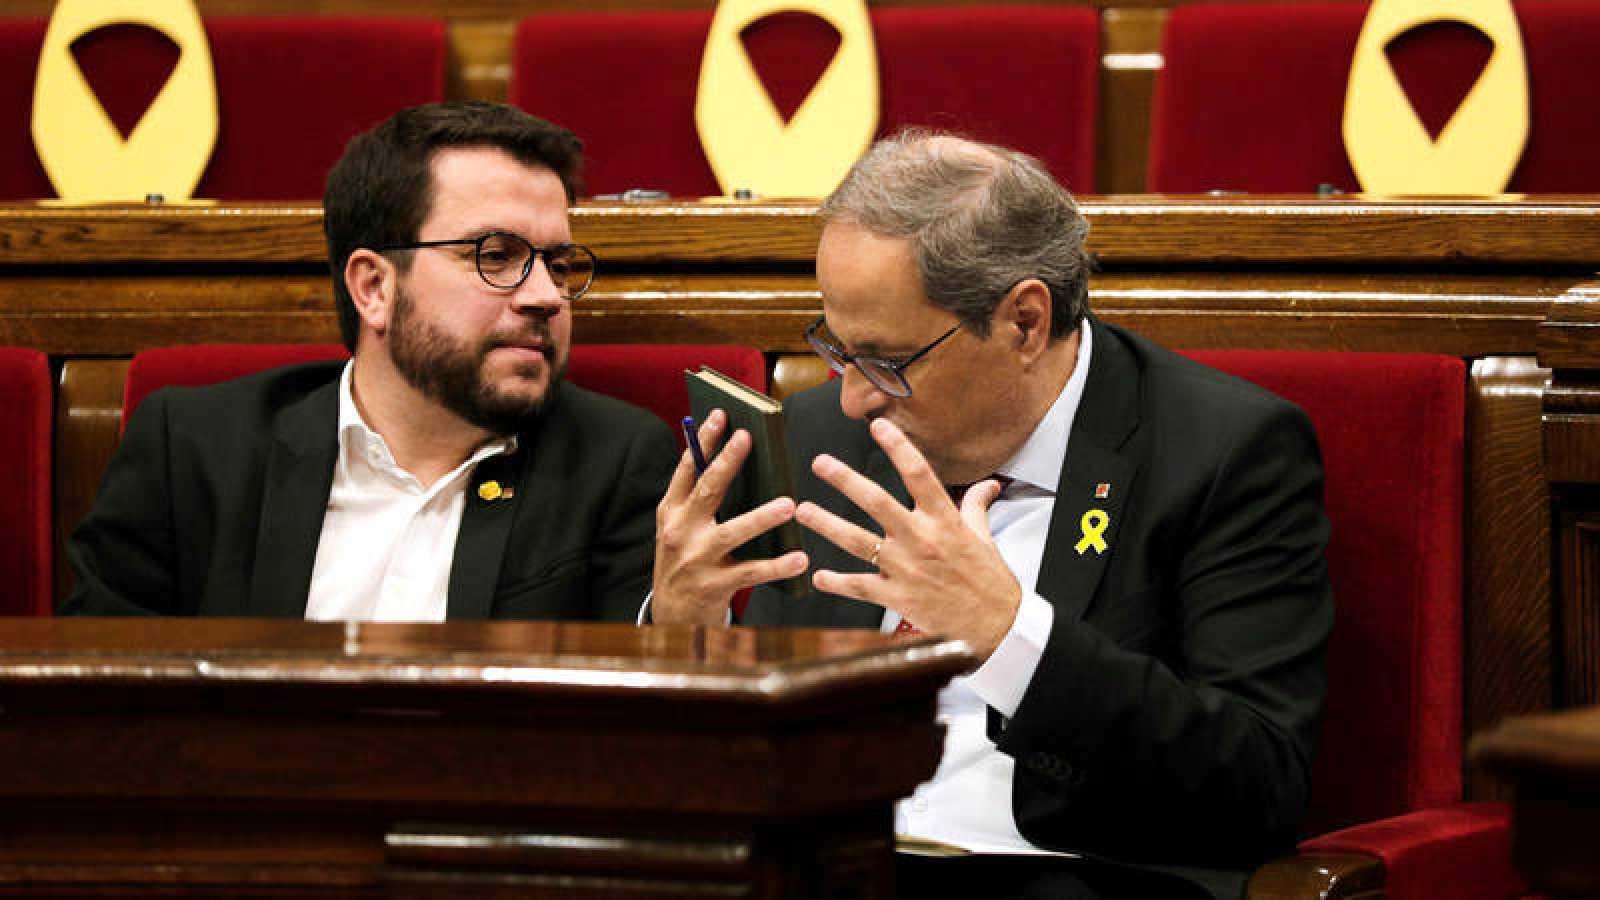 El presidente de la Generalitat, Quim Torra, habla con el vicepresidente del Govern y conseller de Economía, Pere Aragonès